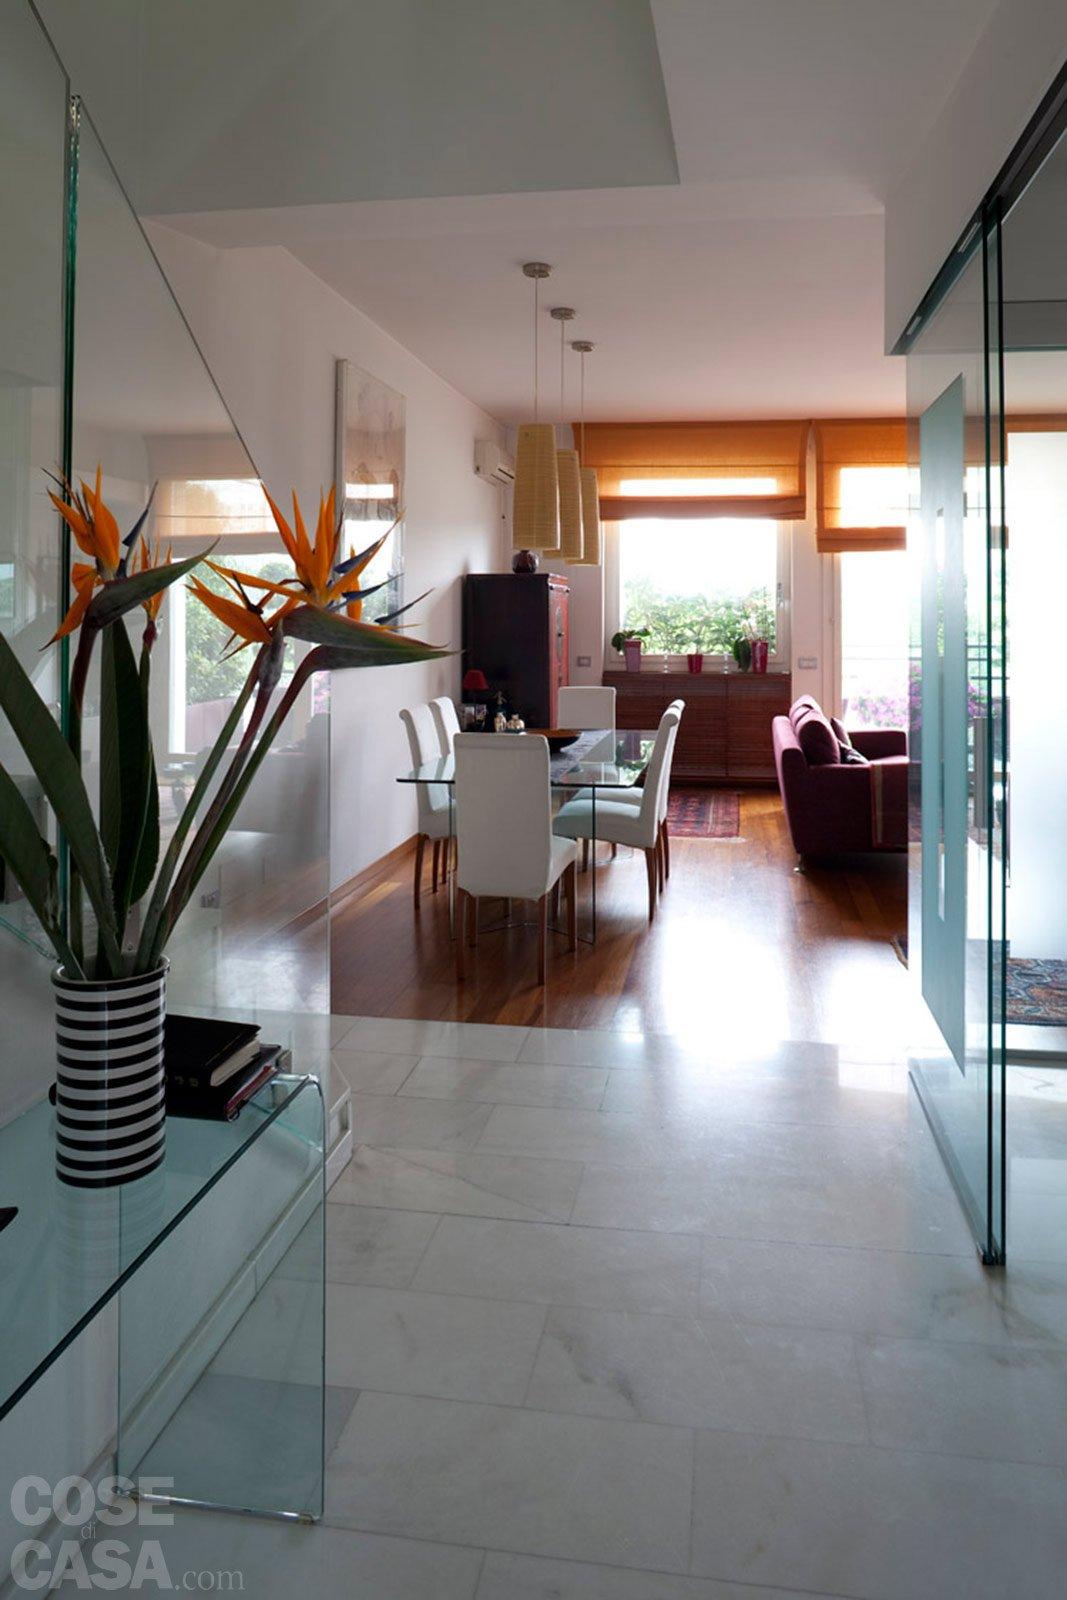 una casa rinnovata nel look, con luce moltiplicata - cose di casa - Faretti Nel Soggiorno